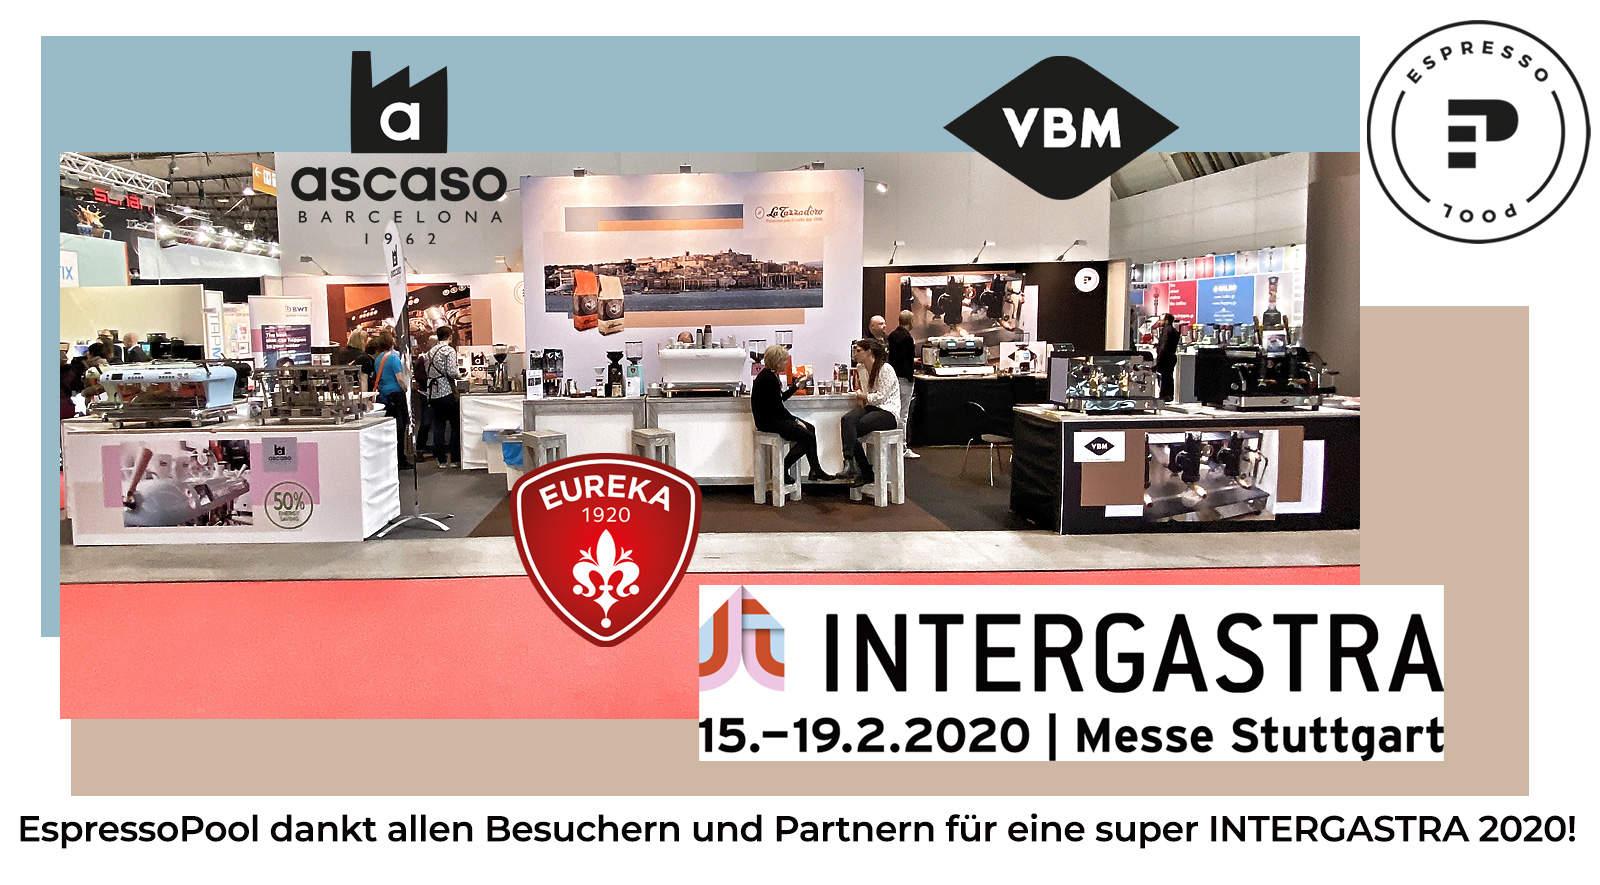 Intergastra 2020 Nachlese